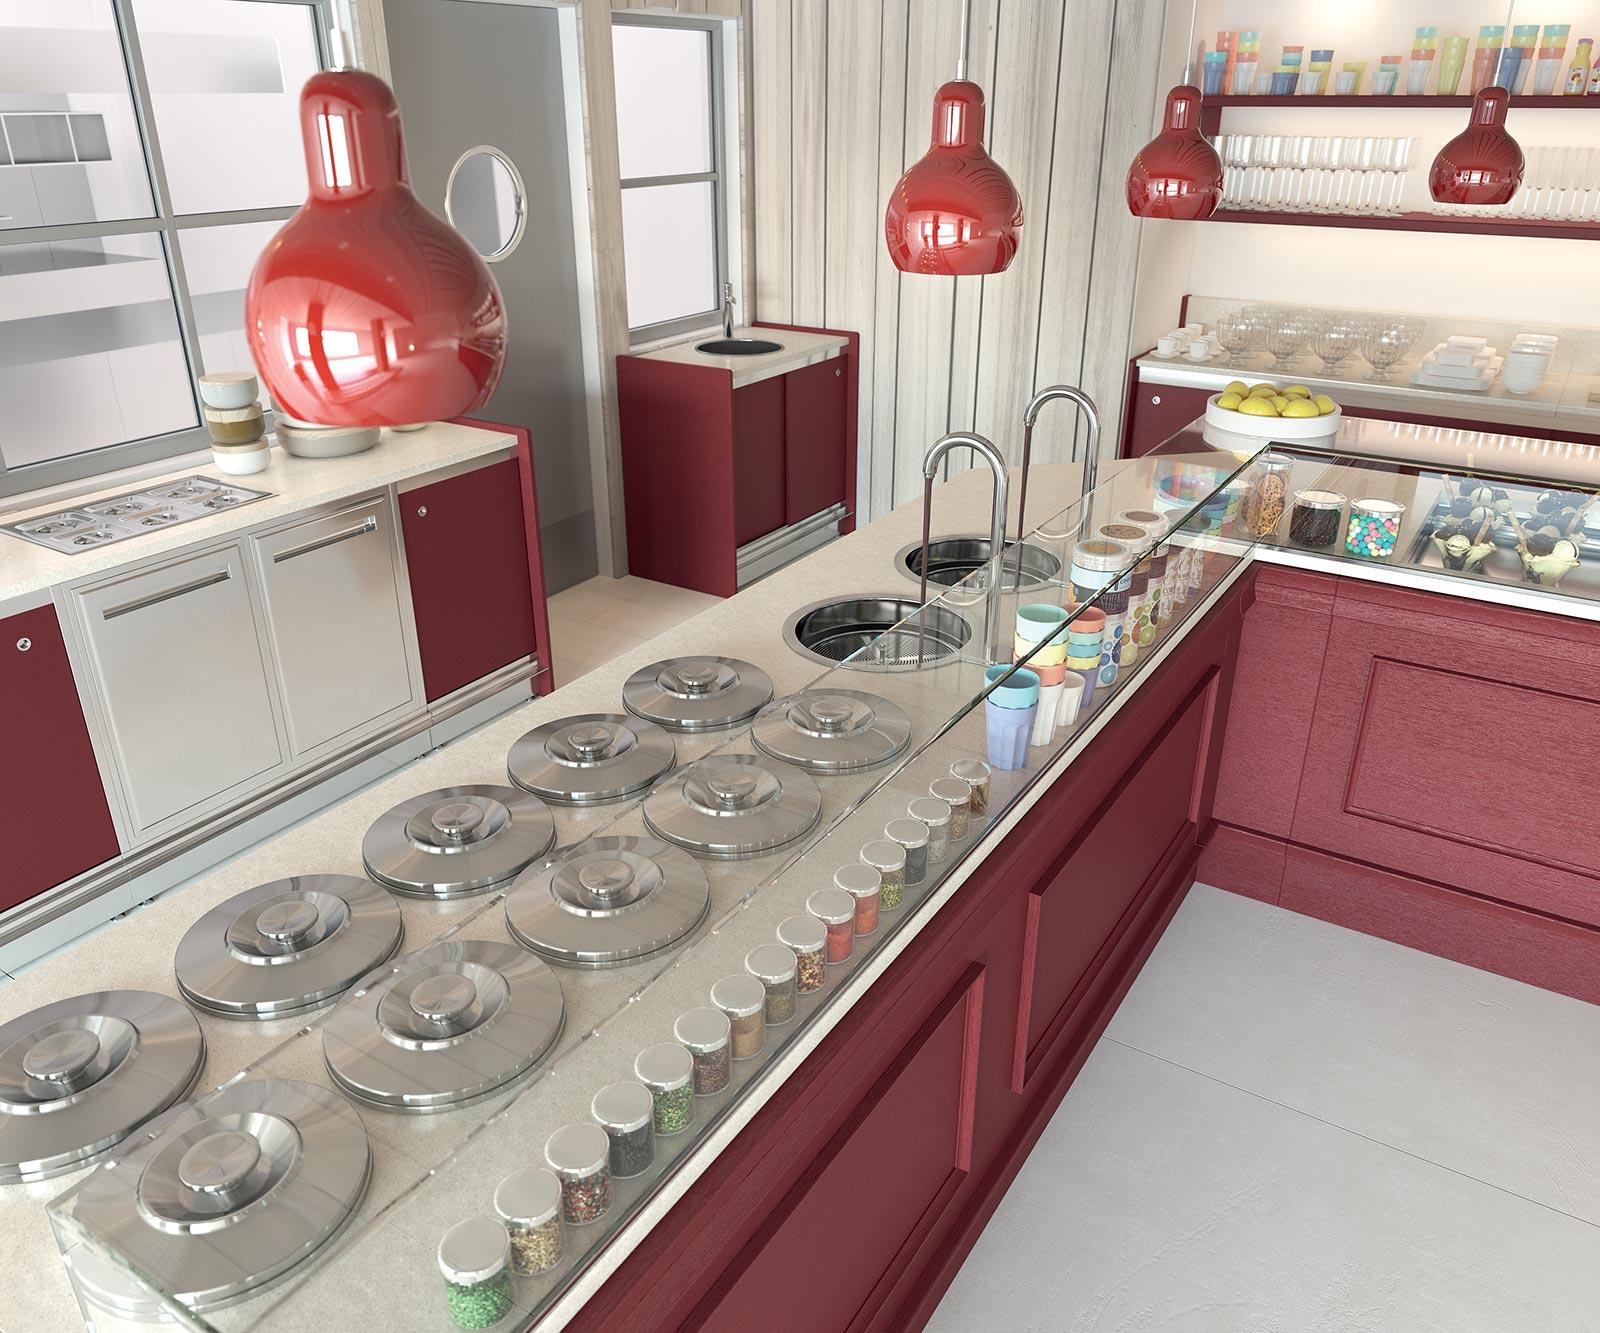 arredamenti e attrezzature per bar ristoranti gelaterie cagliari ... - Negozi Arredamento Zona Cagliari